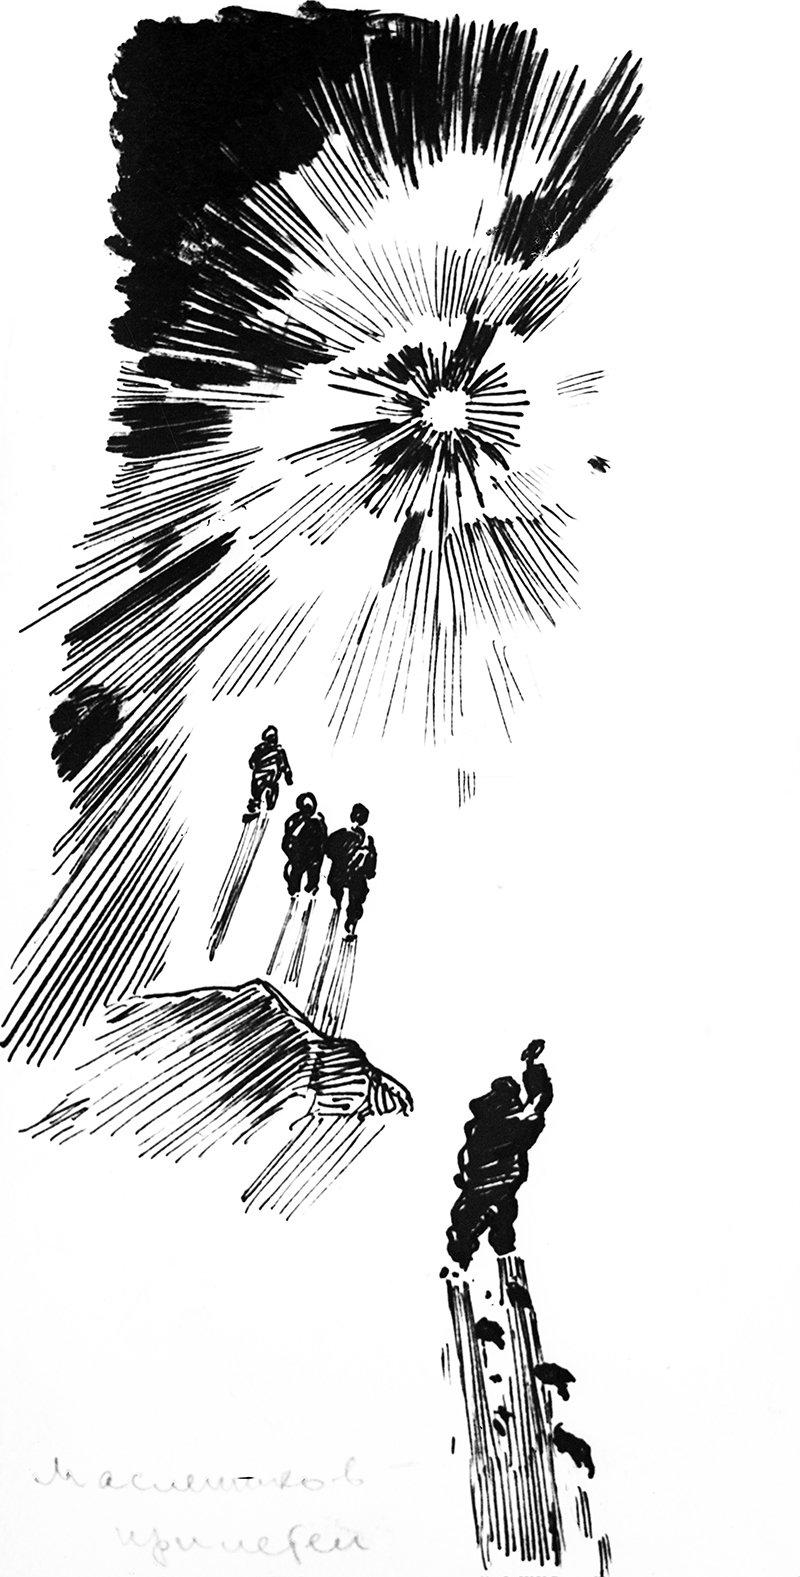 Графический рисунок «На льдине в полярную ночь». Полярная станция «СП-10». Репродукция. Художник Герман Николаевич Макаров